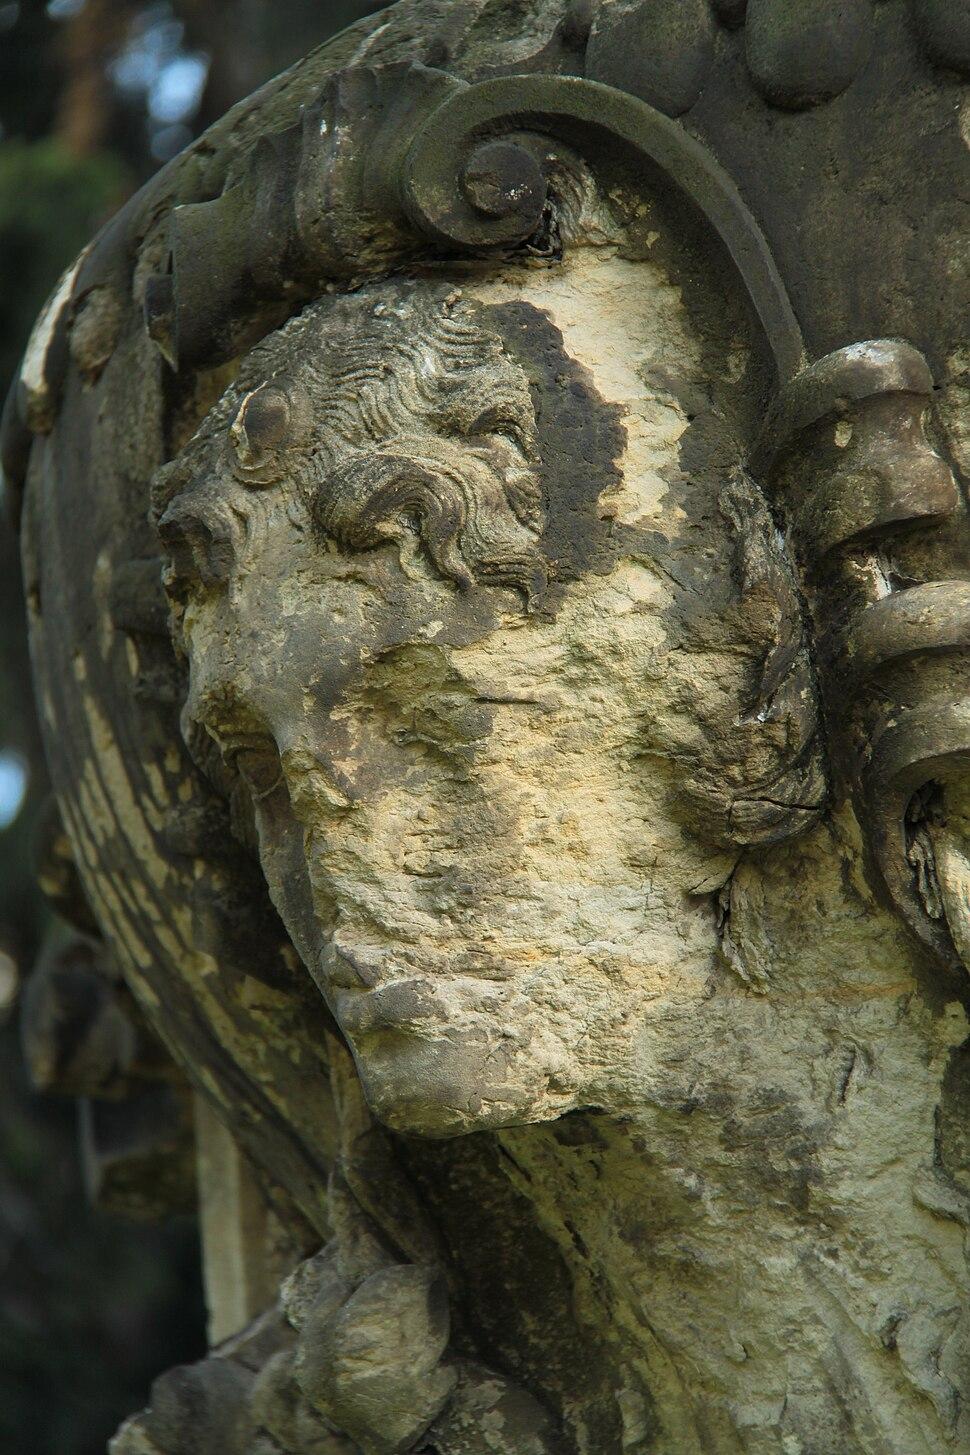 Skulptur aus Sandstein, Dresden 2012-09-06-0555